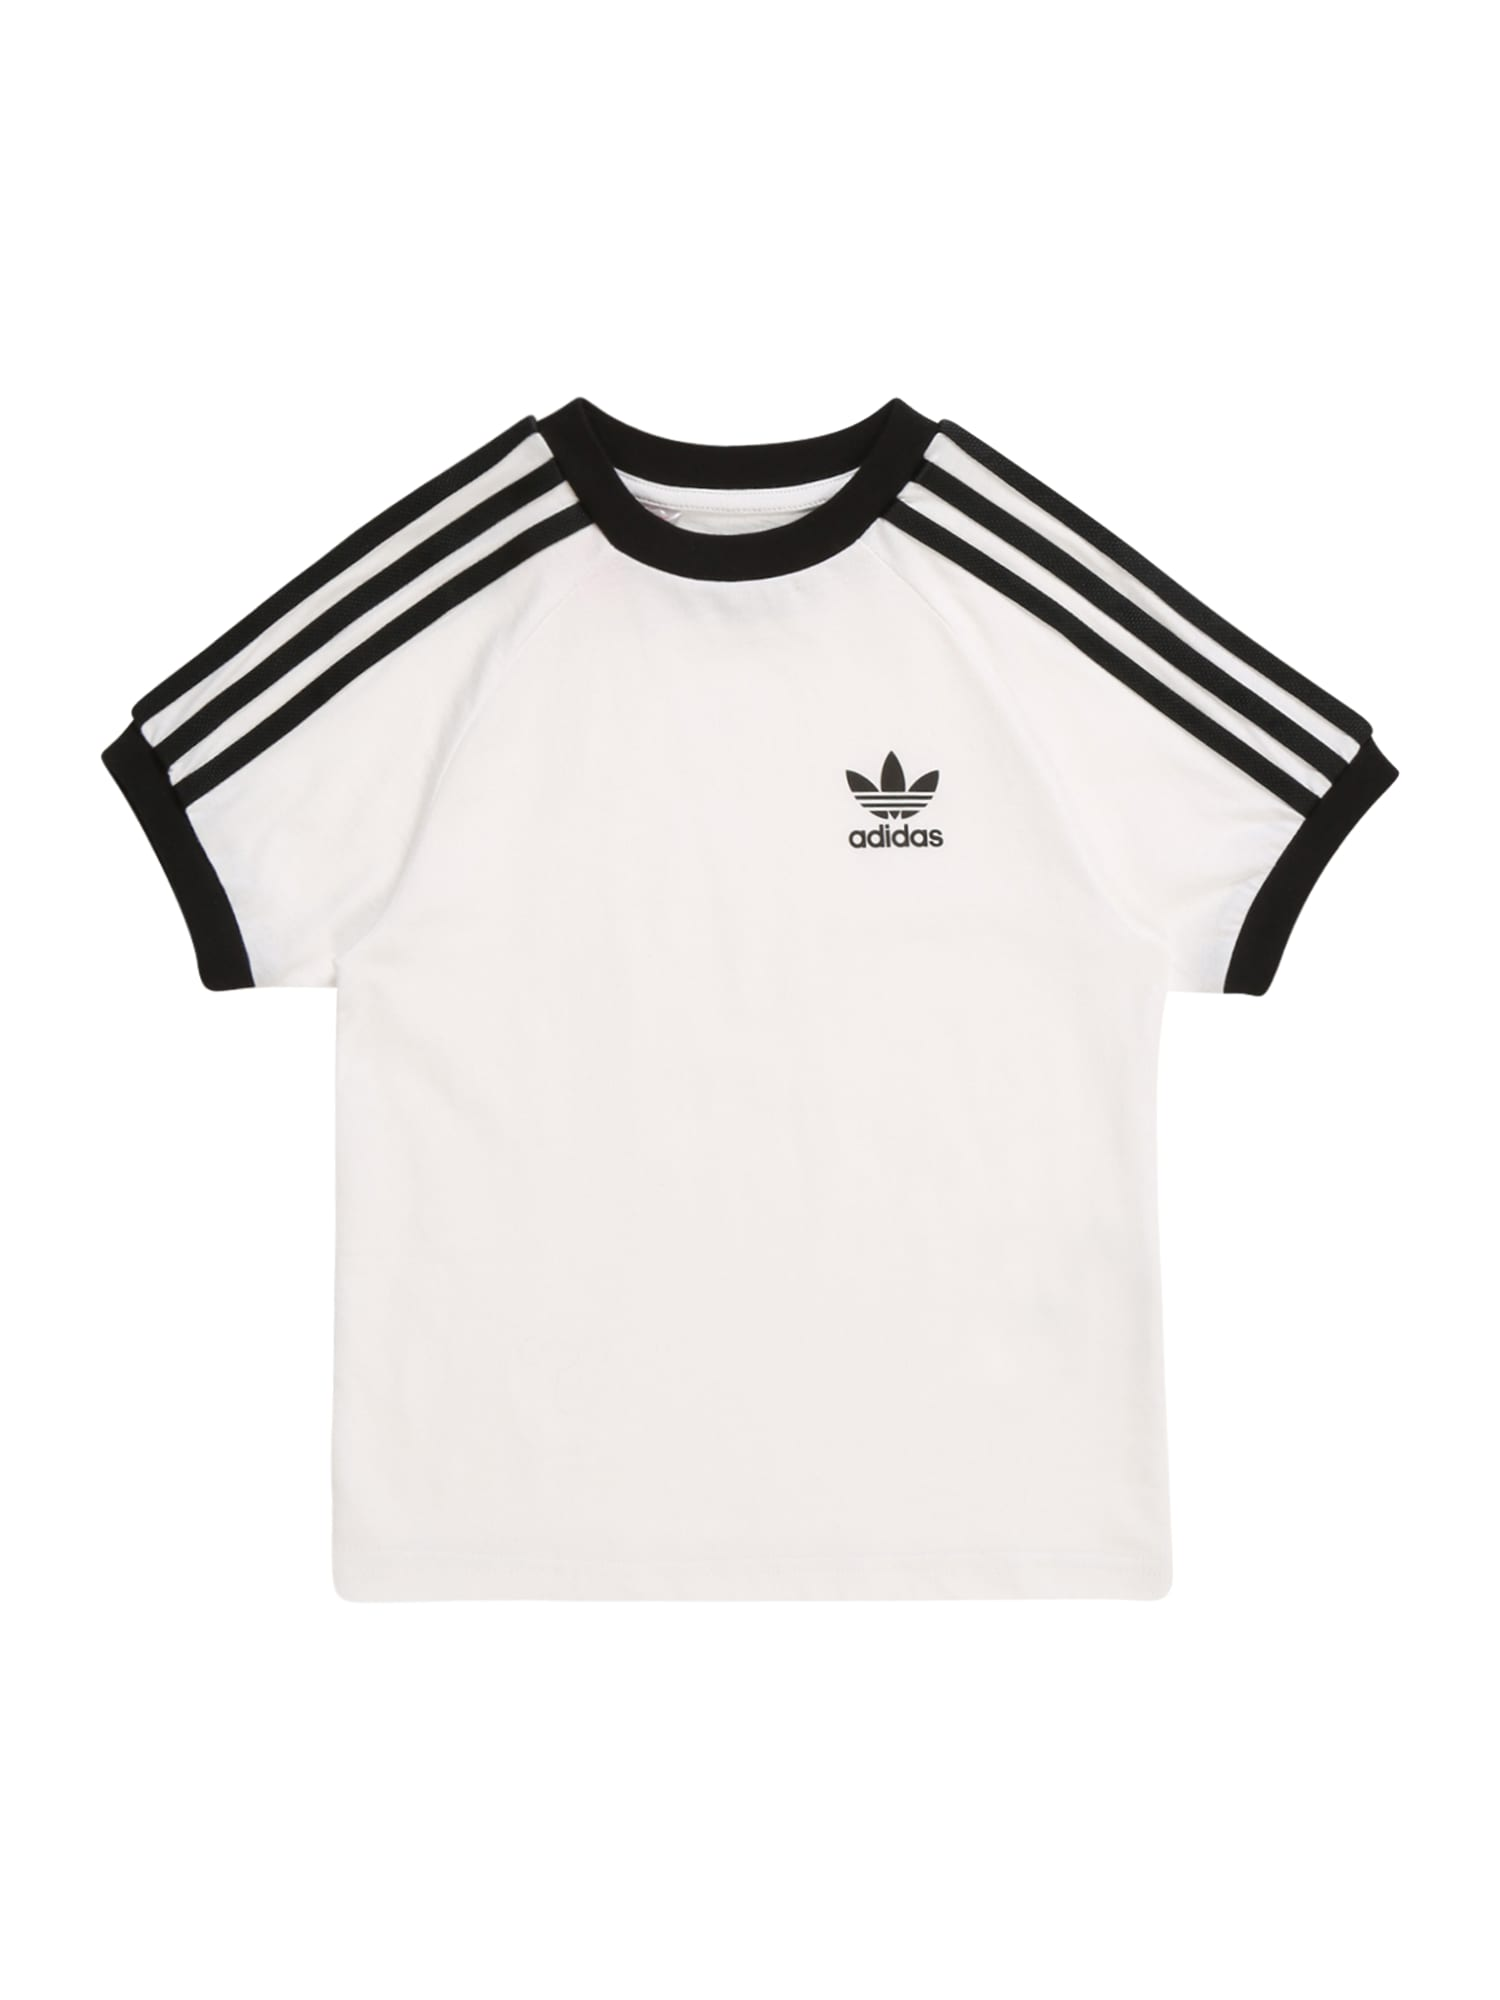 ADIDAS ORIGINALS Tričko '3STRIPES'  biela / čierna